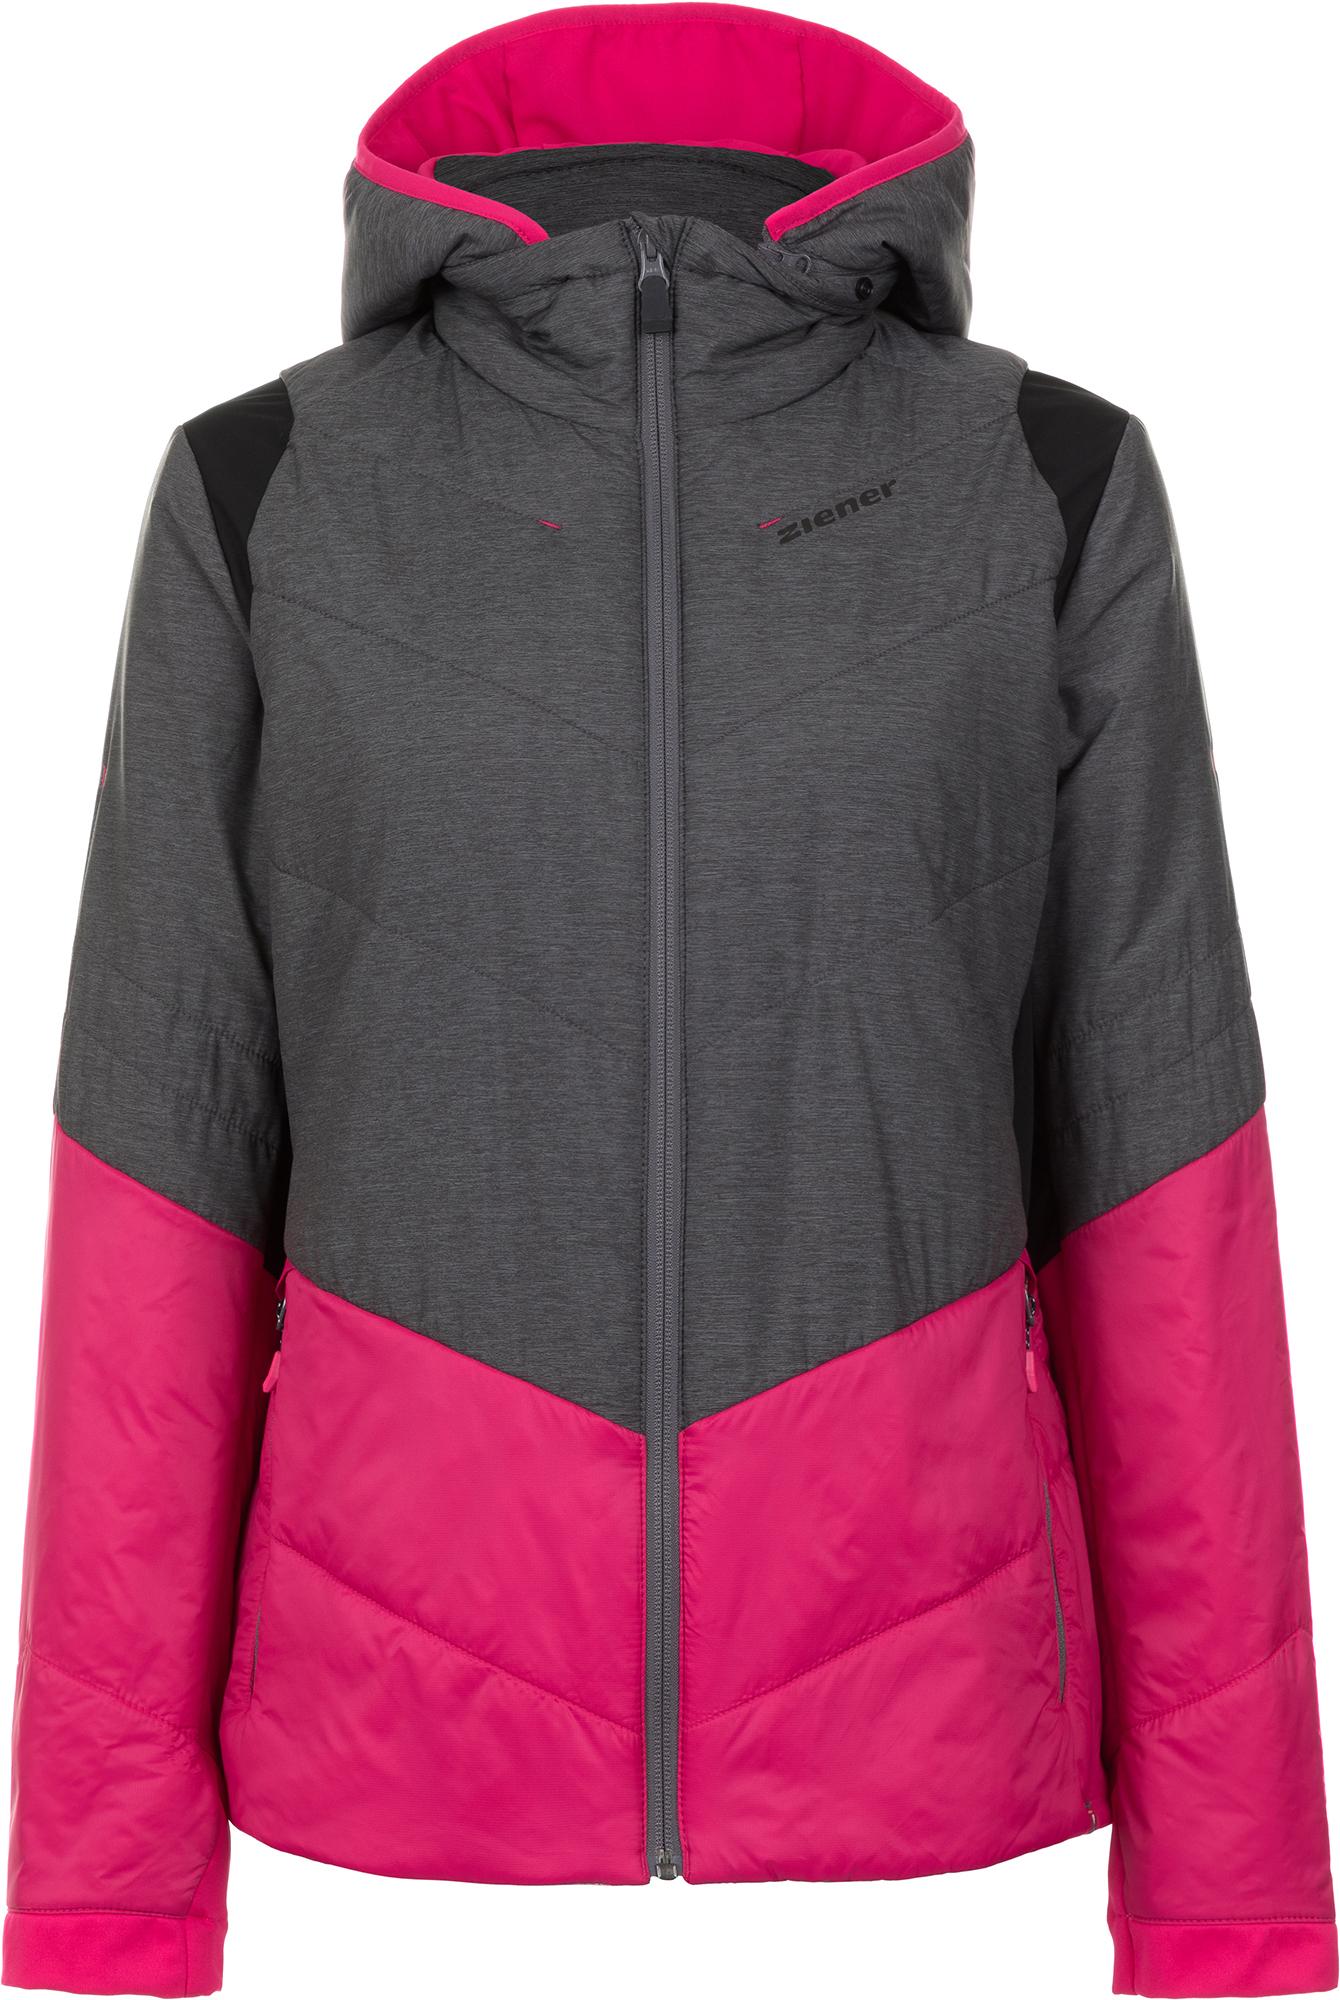 Ziener Куртка утепленная женская Ziener Narula, размер 48